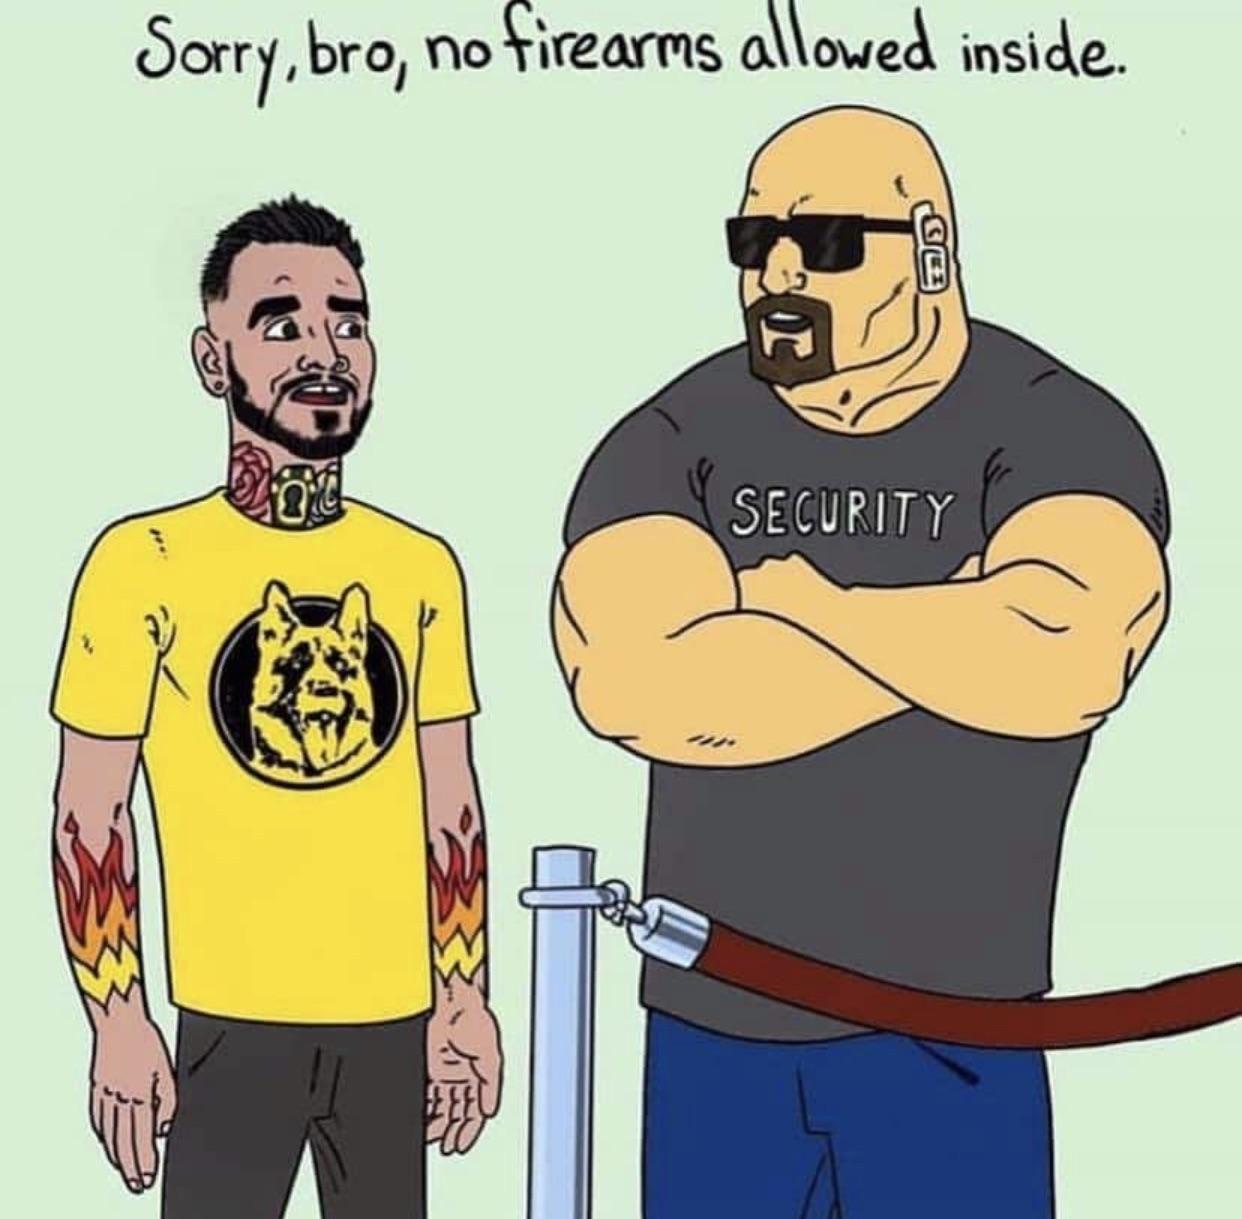 No firearms allowed